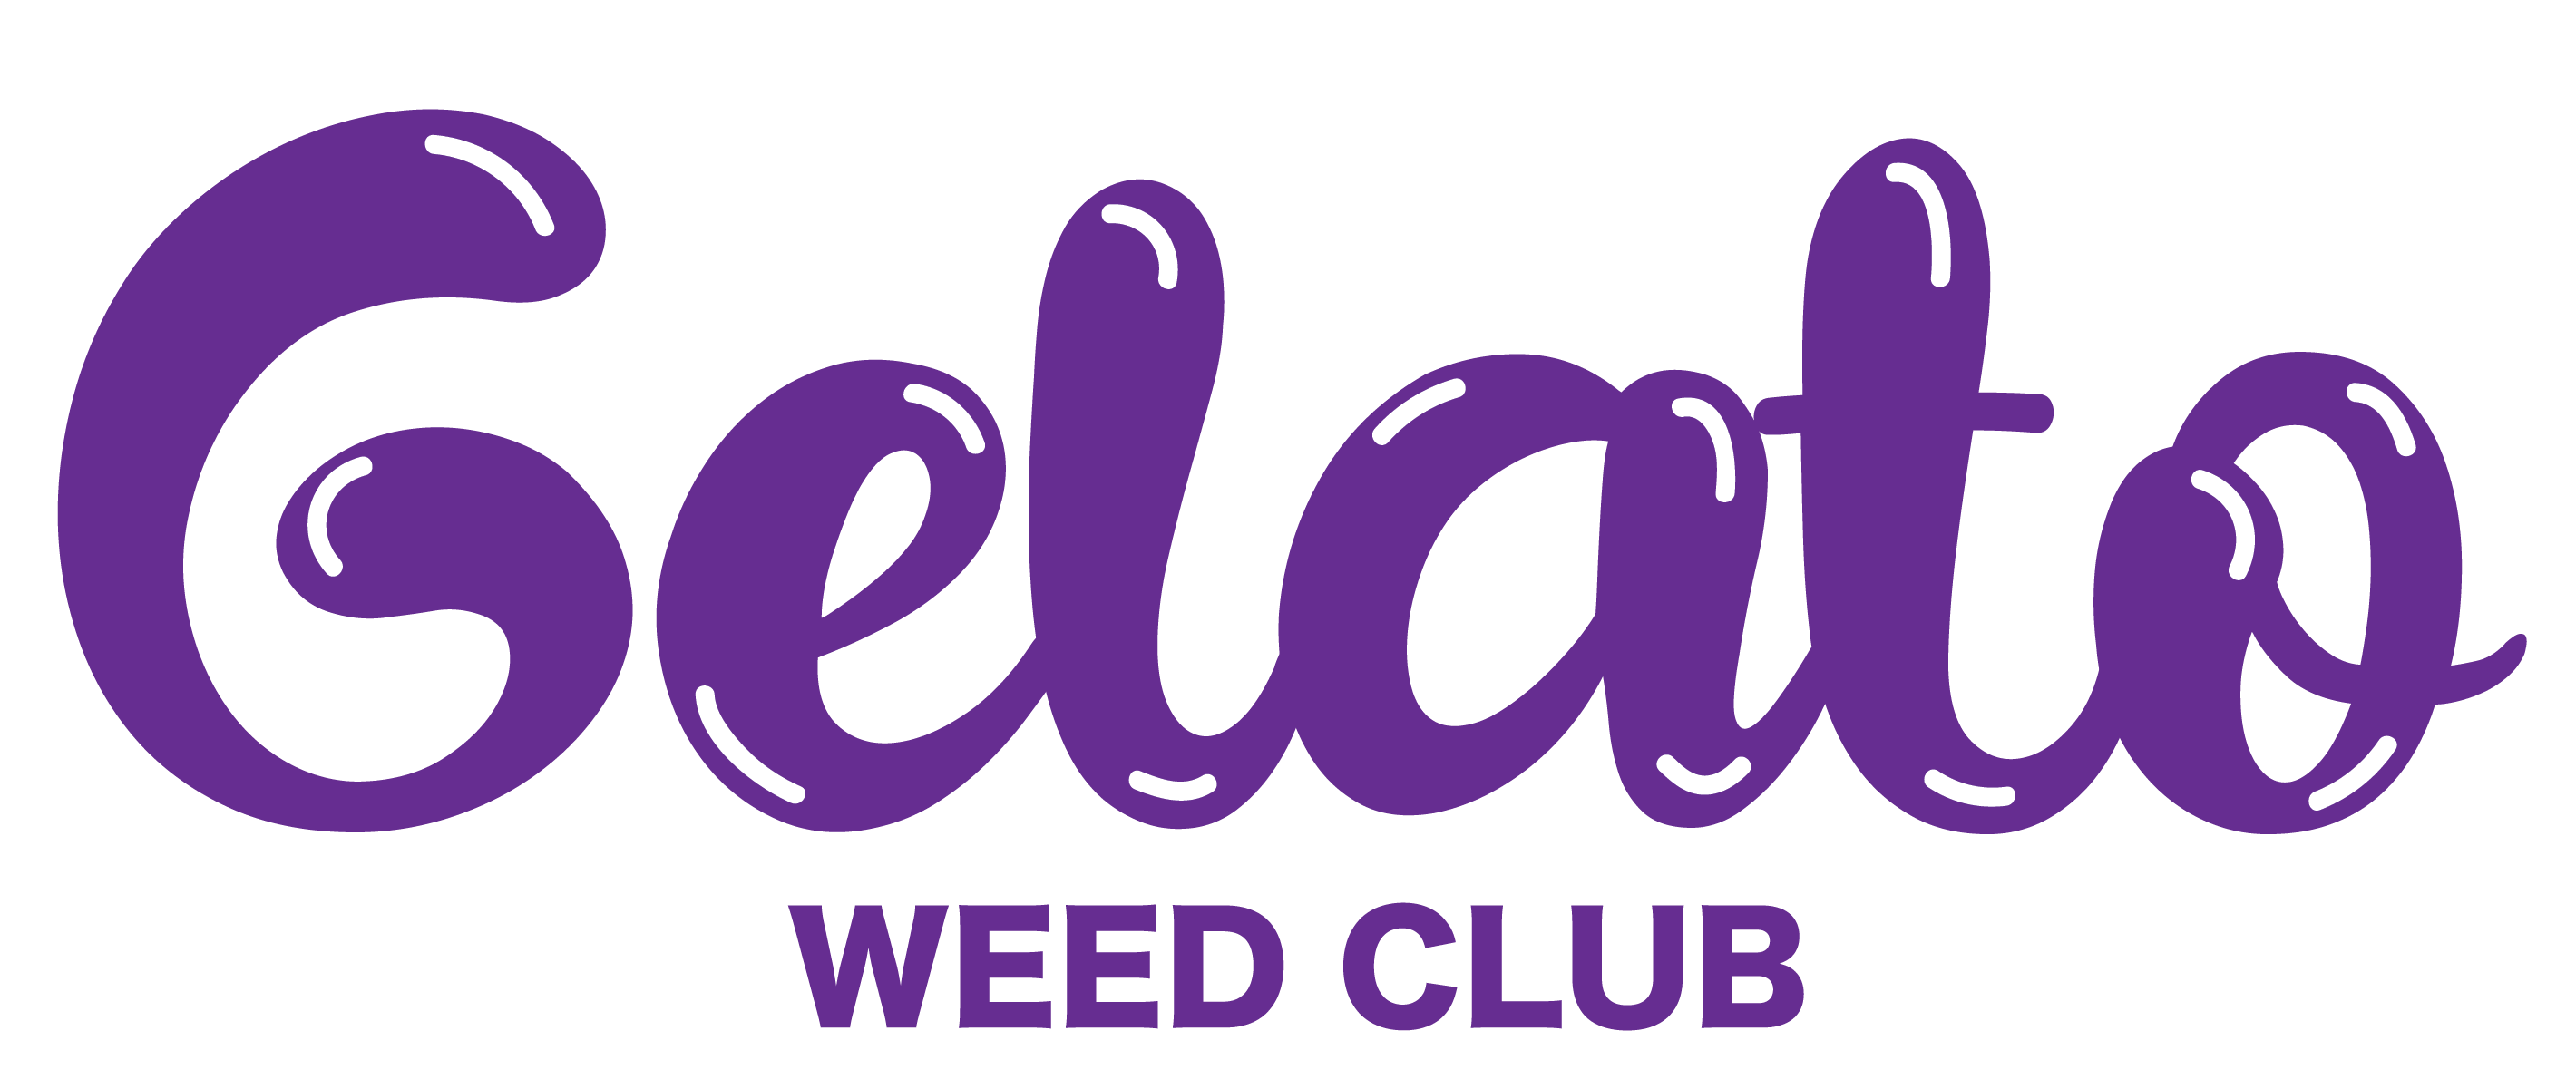 Gelato Weed Club Logo